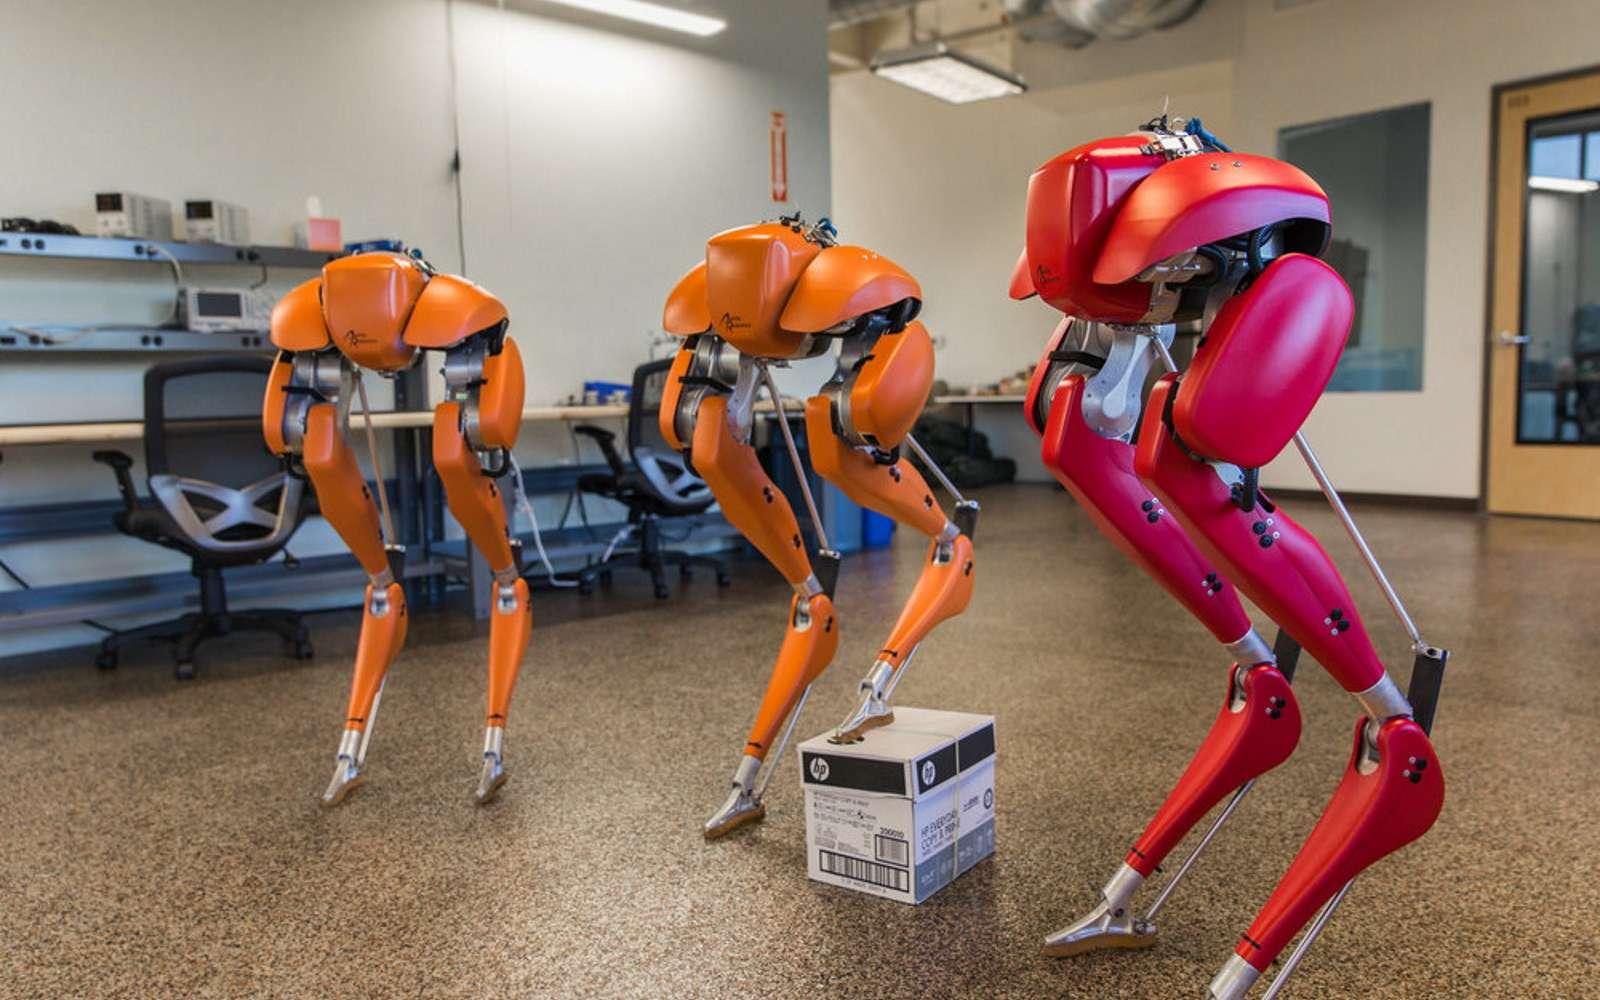 Le robot bipède Cassie a appris à marcher tout seul grâce à deux environnements virtuels. © Agility Robotics